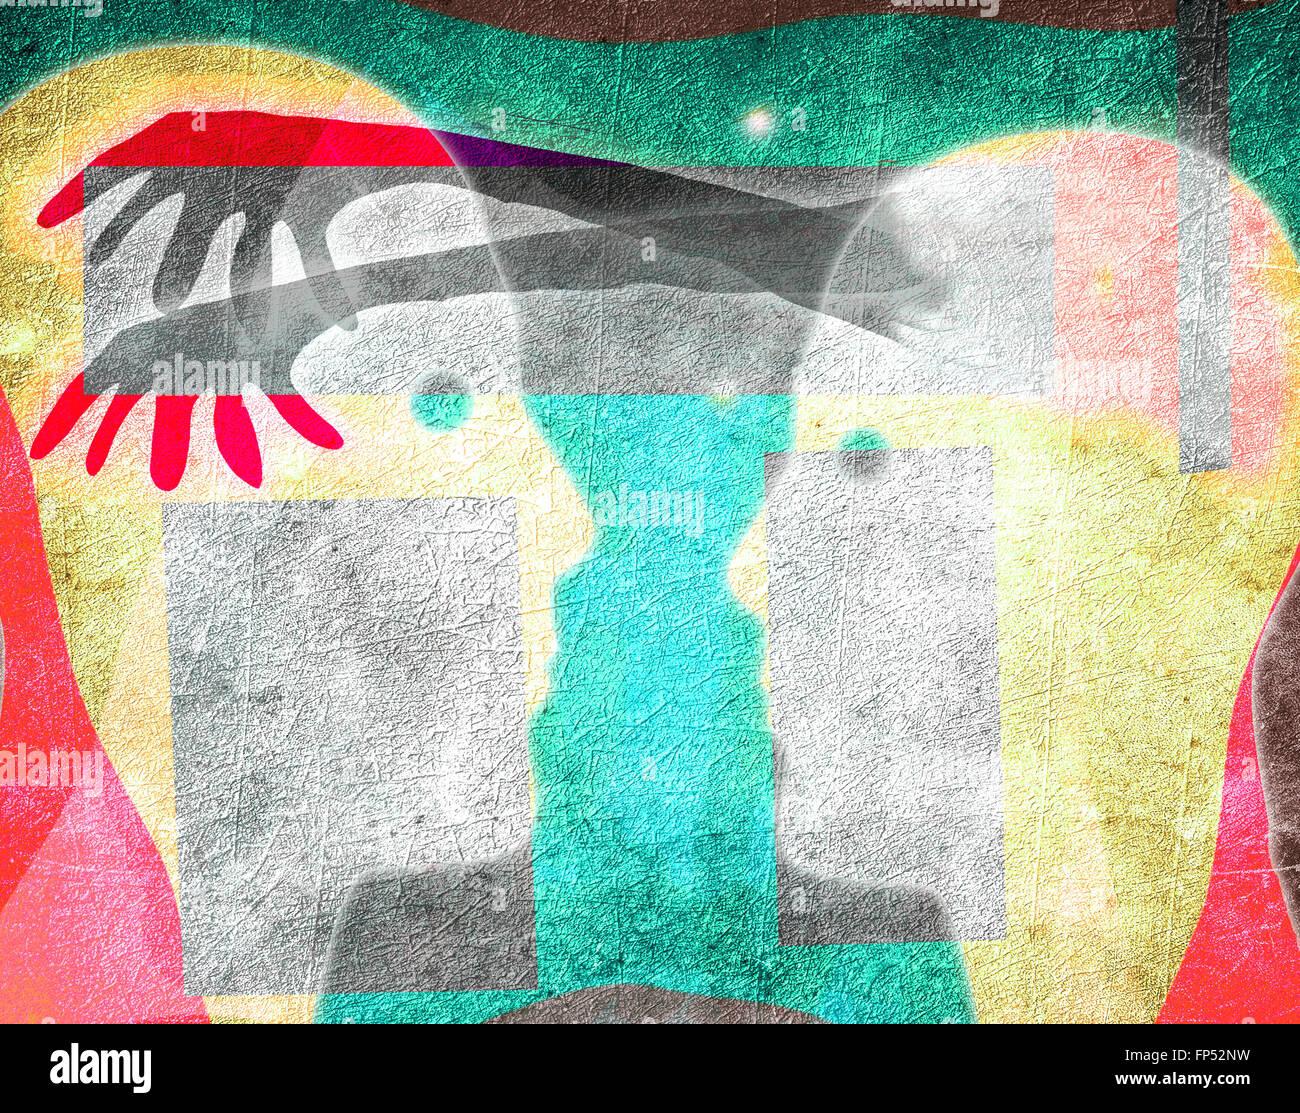 Concepto de manipulación mental ilustración digital Imagen De Stock